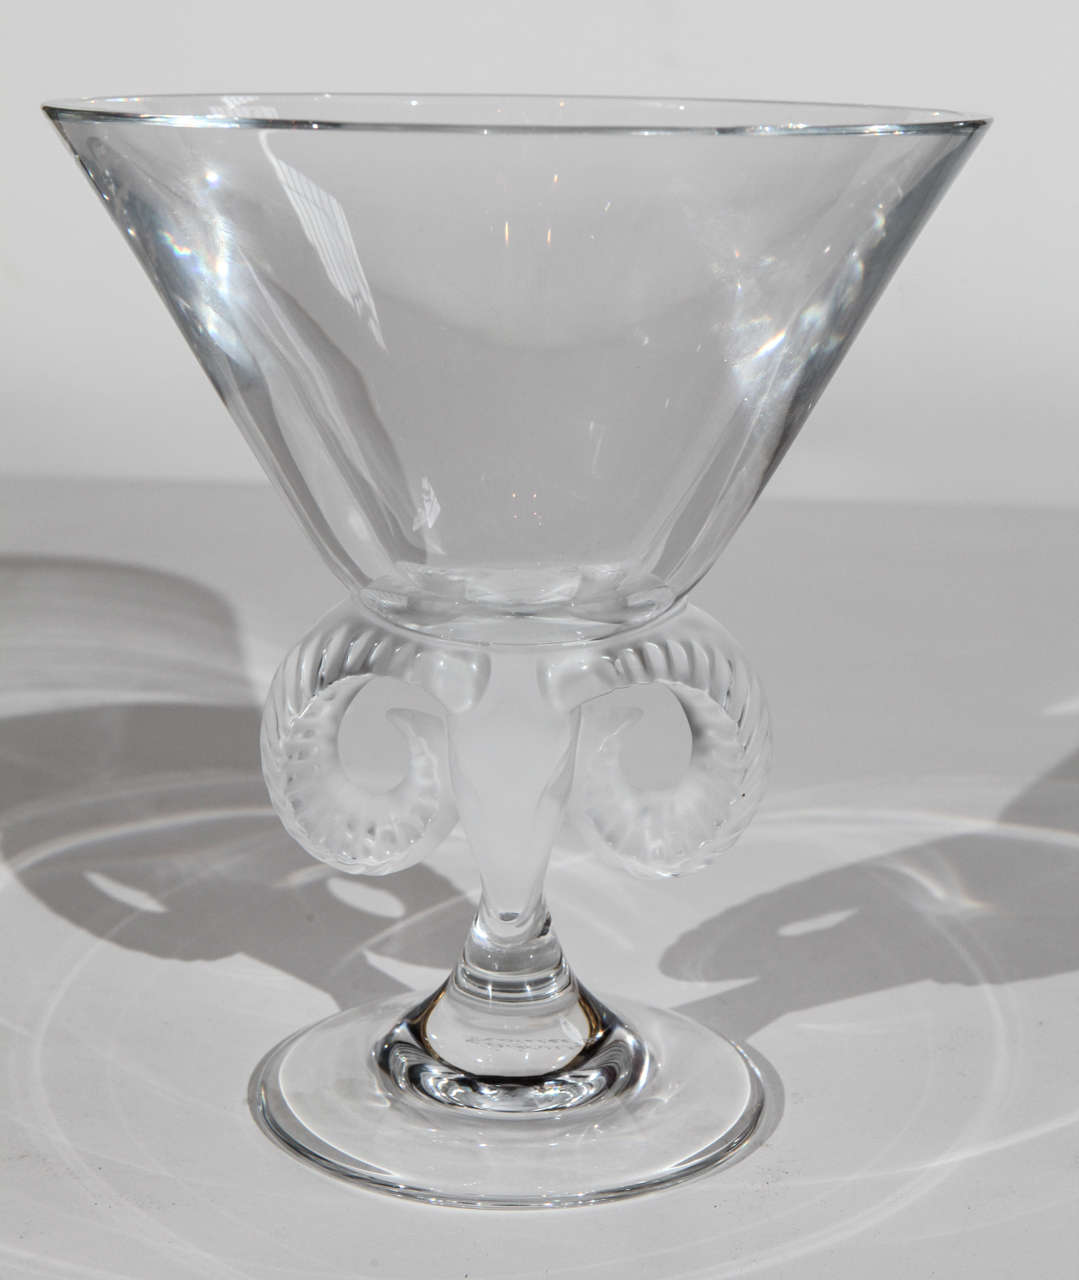 large ram centerpiece bowl or vase by lalique france at 1stdibs. Black Bedroom Furniture Sets. Home Design Ideas